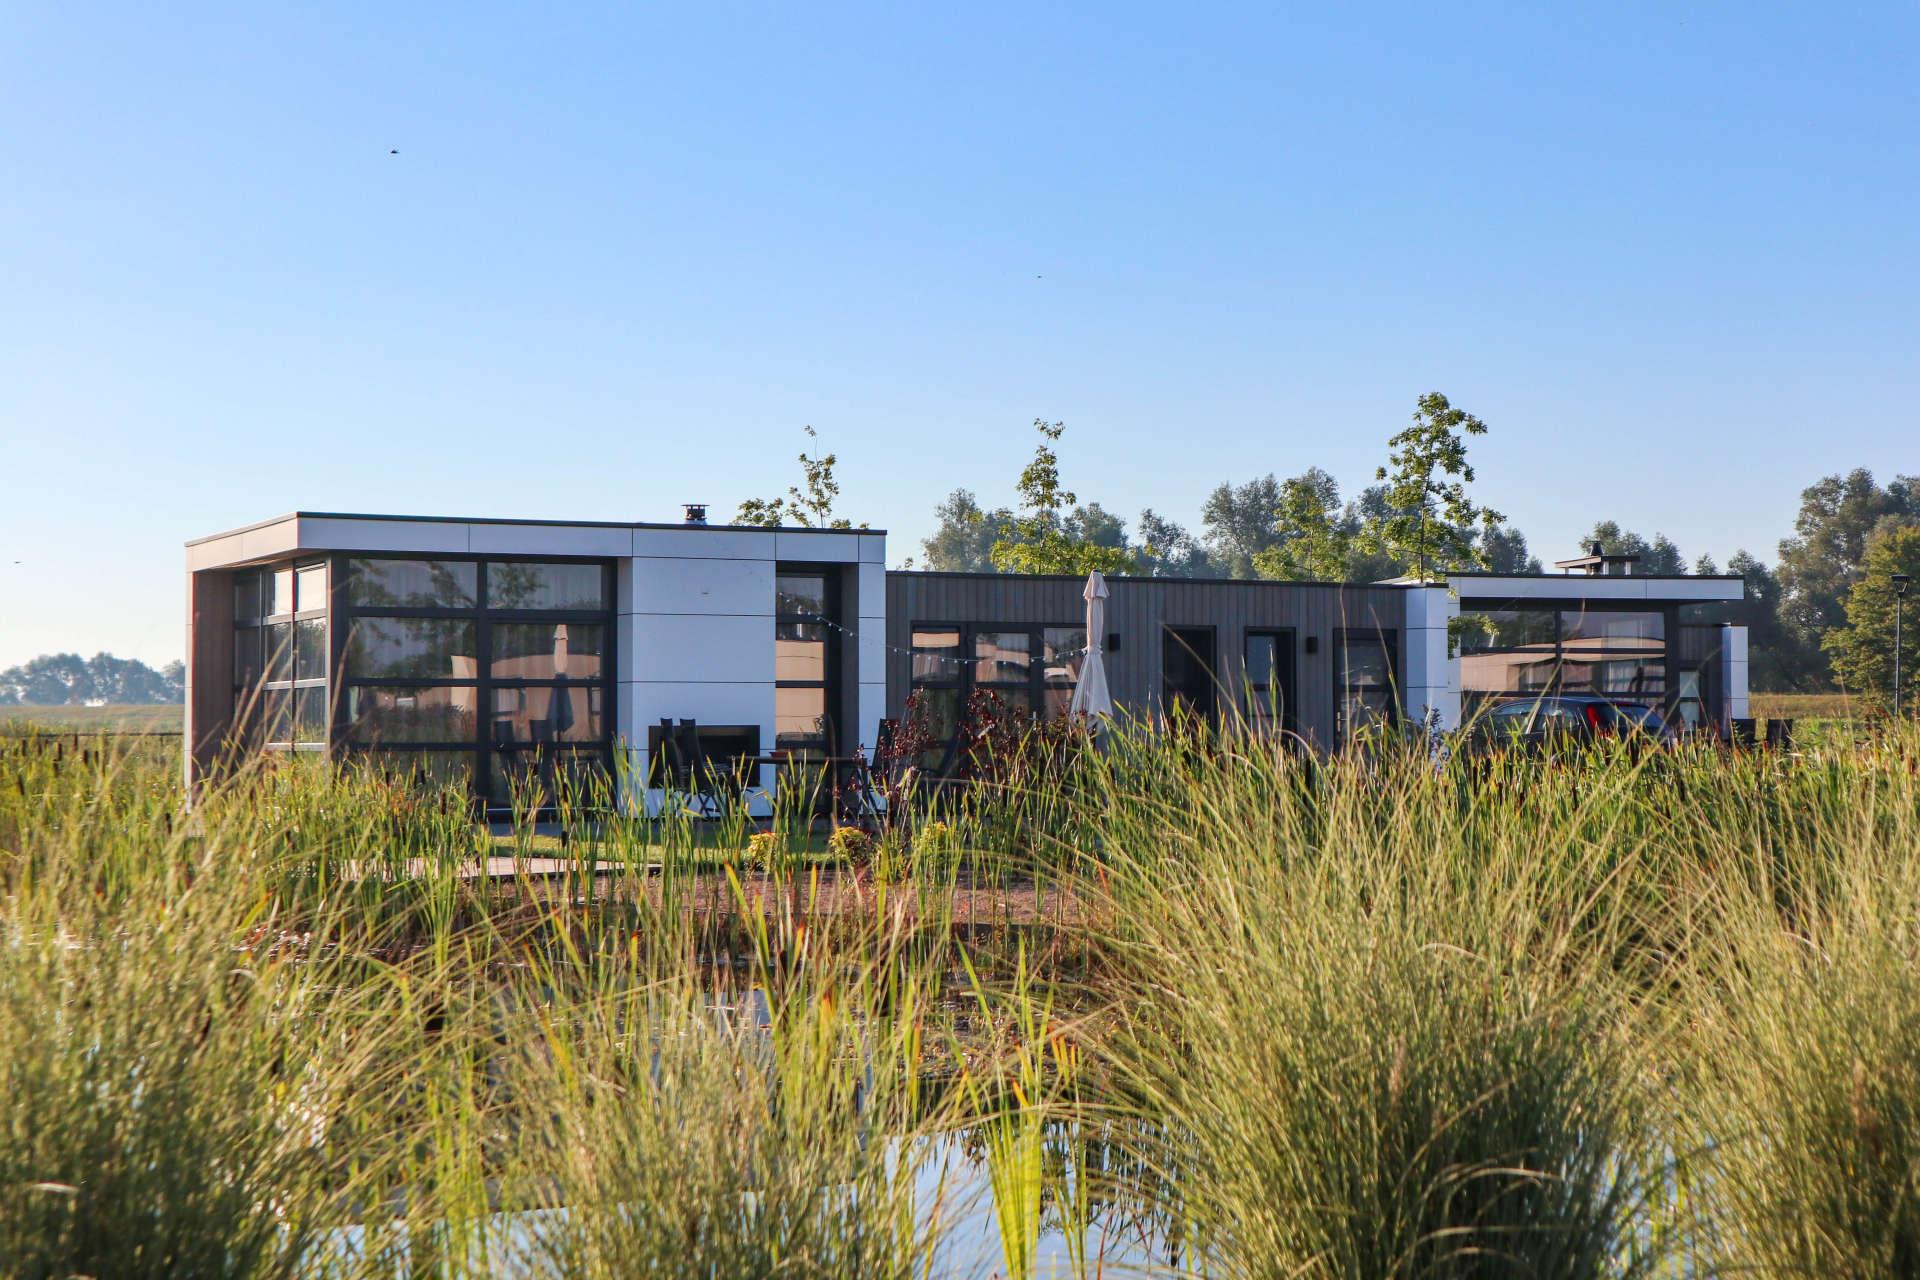 header-accommodations-grass-europarcs-marina-strandbad